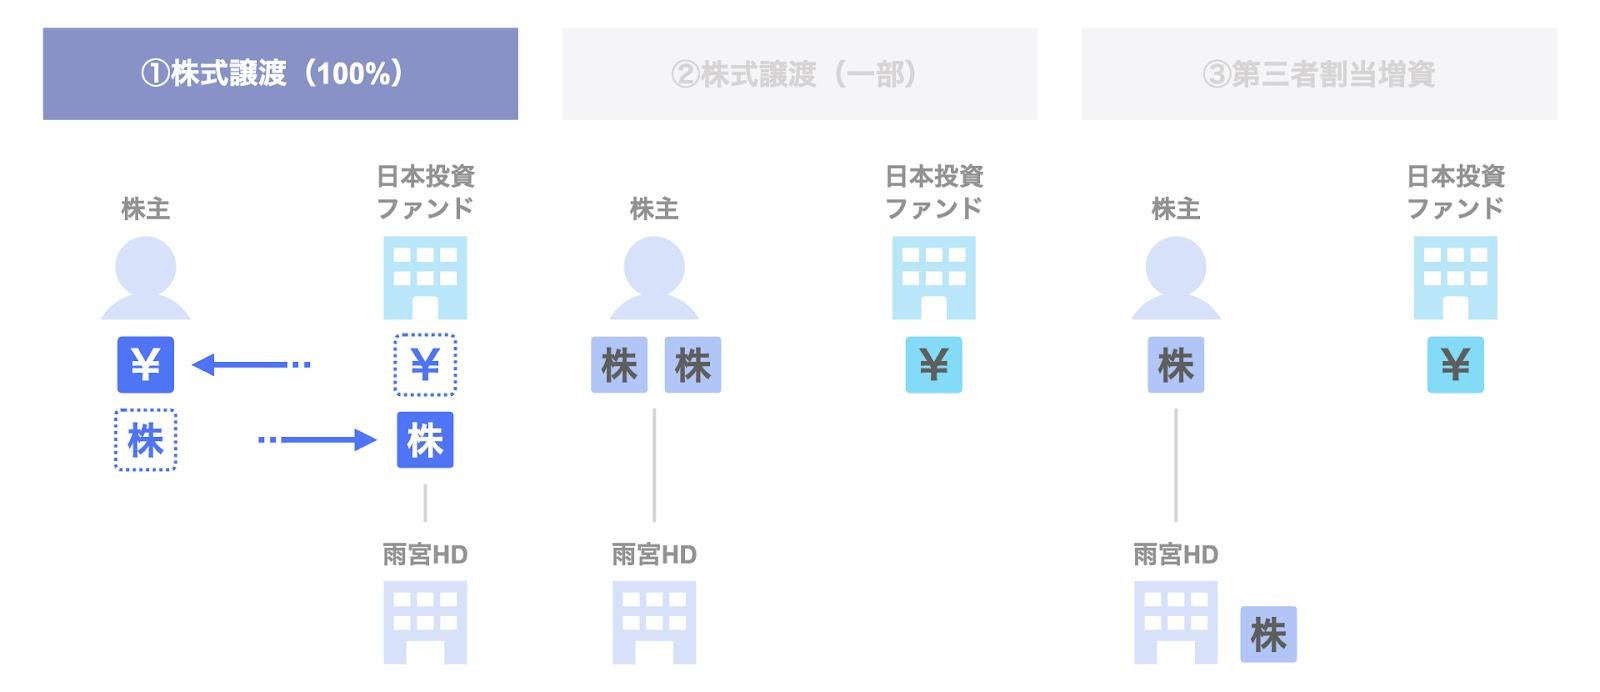 日本投資ファンドによる雨宮ホールディングスの投資事例:株式譲渡(100%)